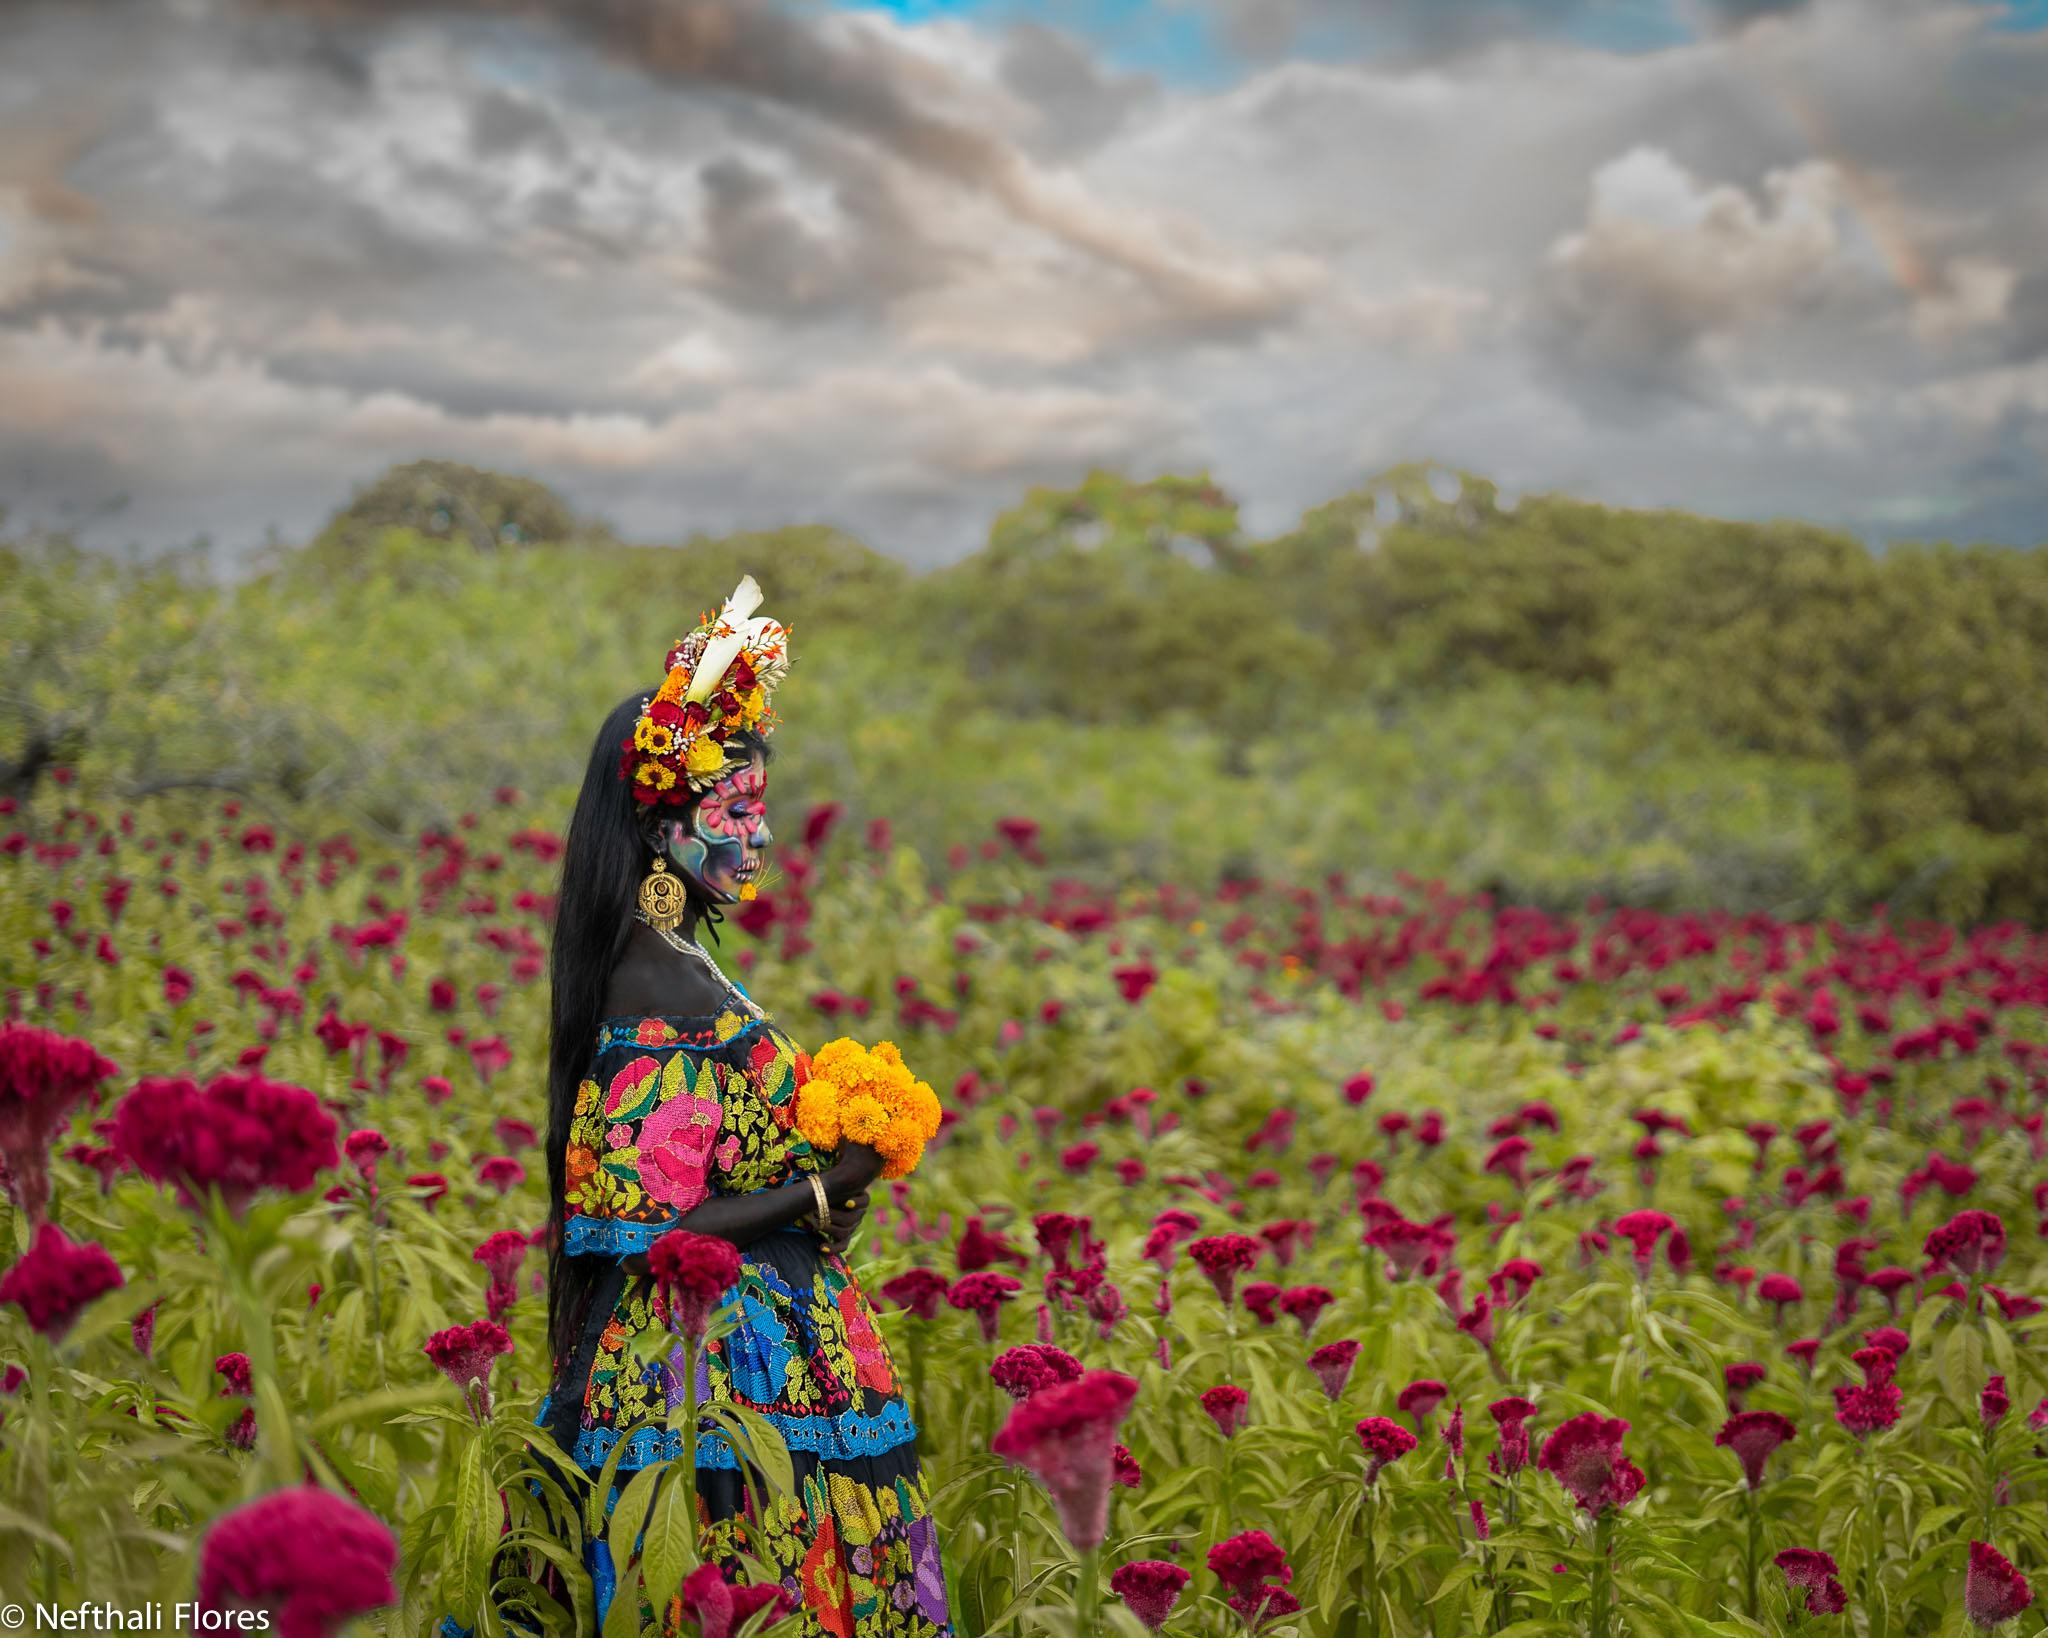 © Nefthali Flores